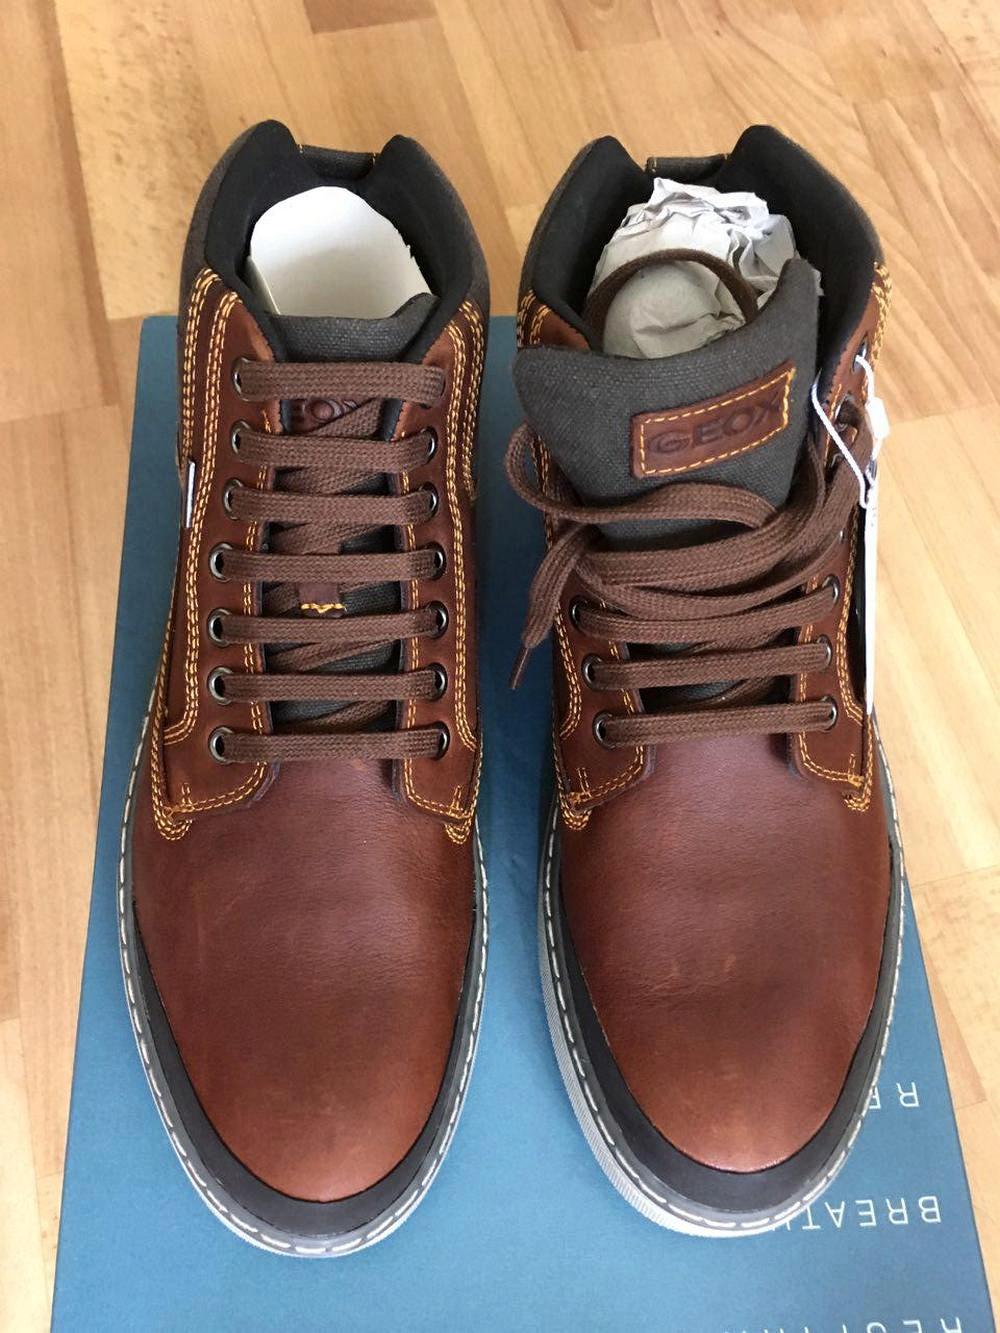 efef1c8ce Обзор на Ботинки Geox U44T1B мужские , цвет коричневый, рус. размер 41 -  изображение